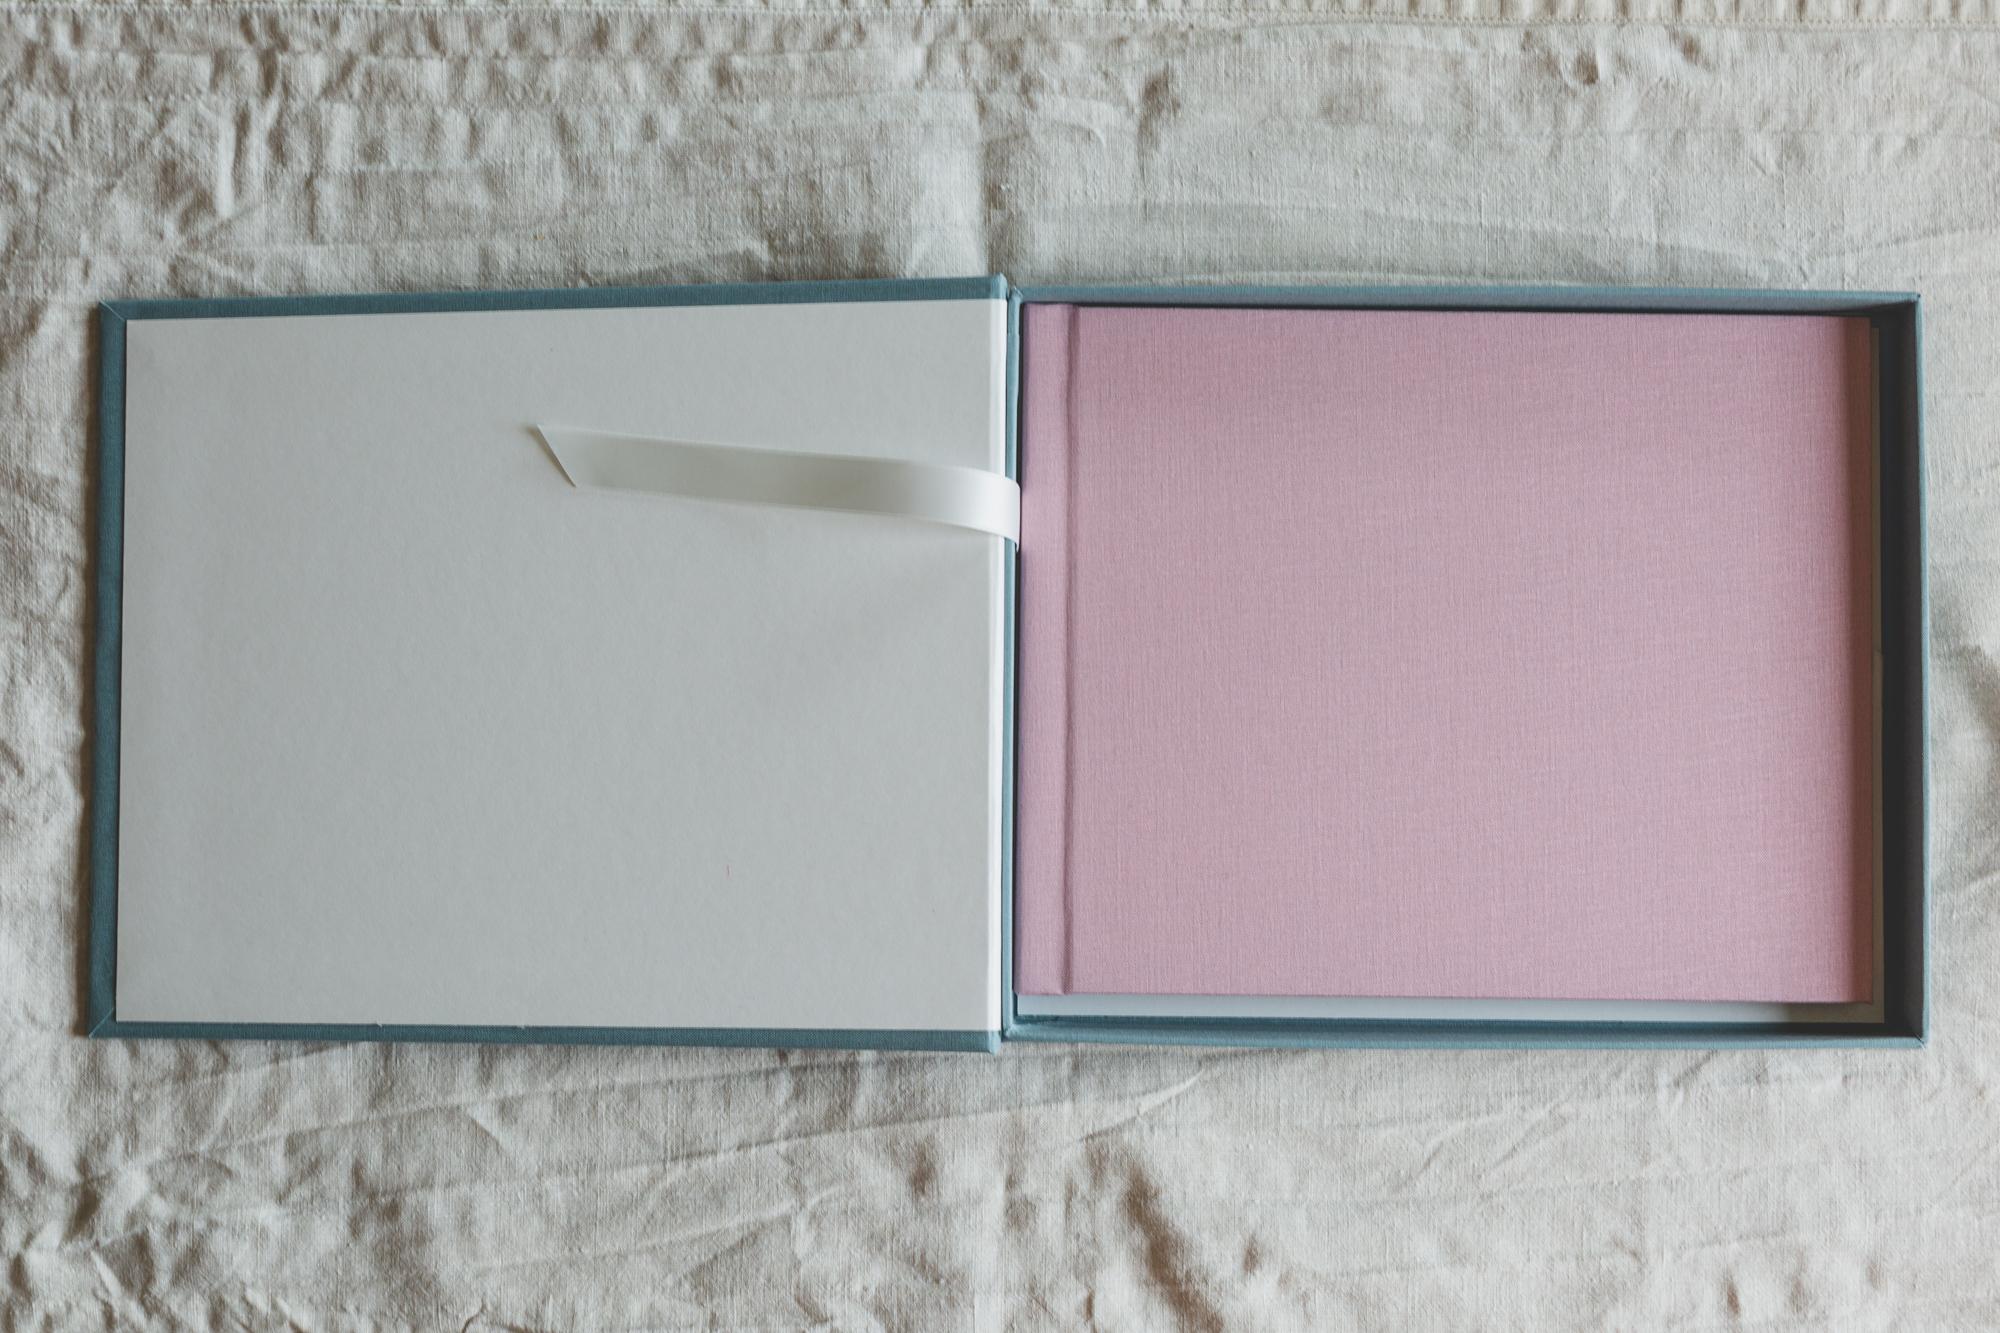 Bestill gjerne en boks til albumet ditt, 600 kr ekstra uansett størrelse. Her er albumet trukket i Lin i fargen gammelrosa, boksen i lagunegrønn.